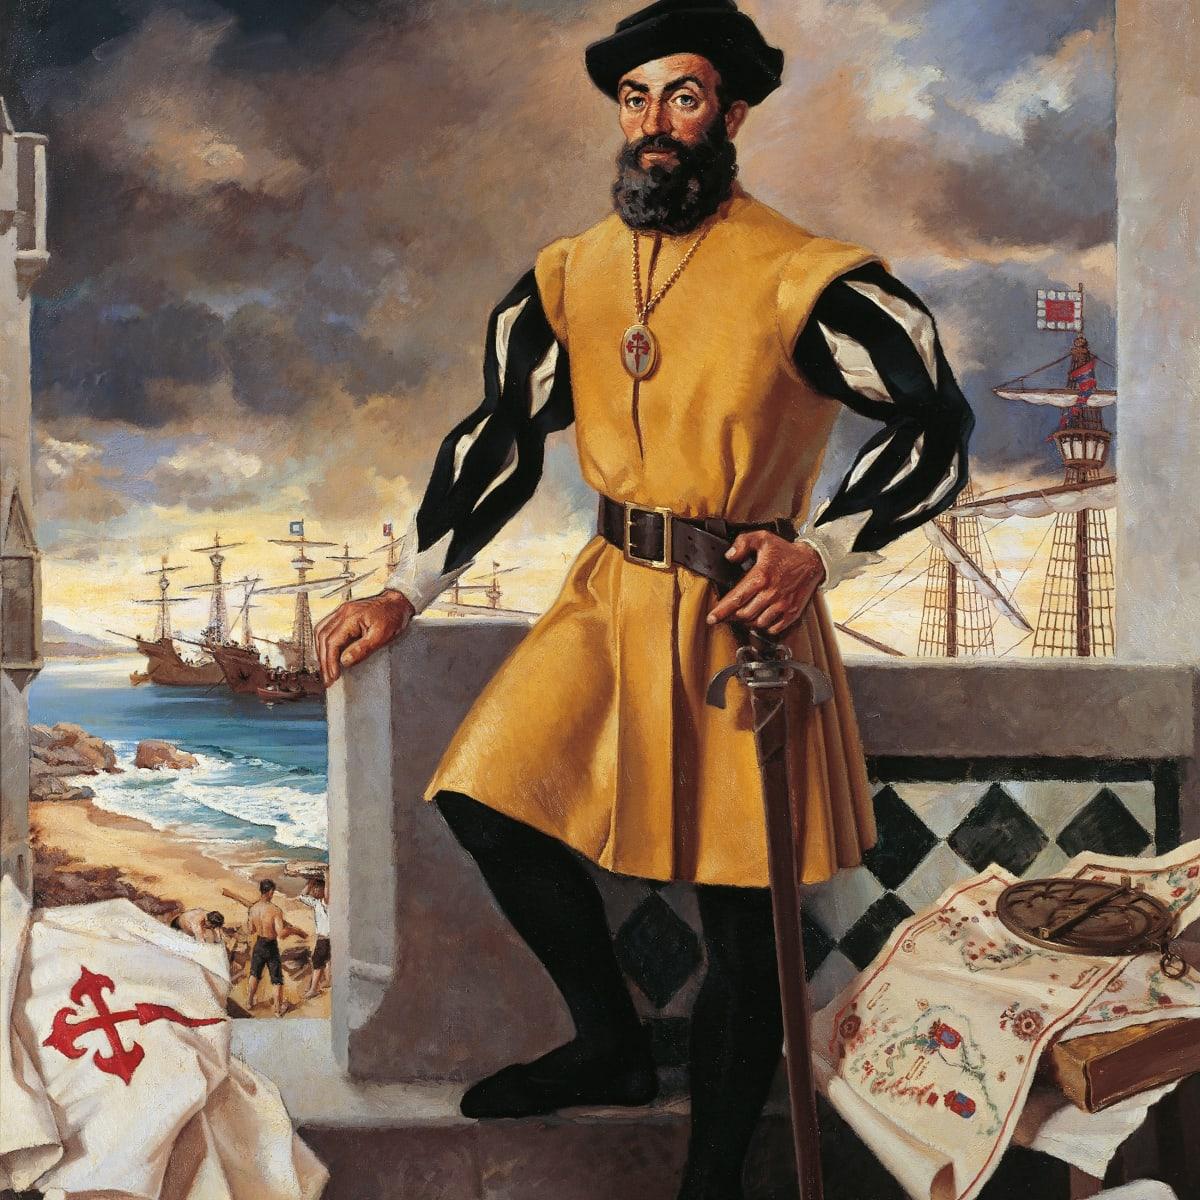 فرديناند ماجلان ورحلته حول الأرض الجزء الأول - من هو البحار فرديناند ماجلان. ما الأراضي التي أبحر إليها واكتشفها ولصالح من؟